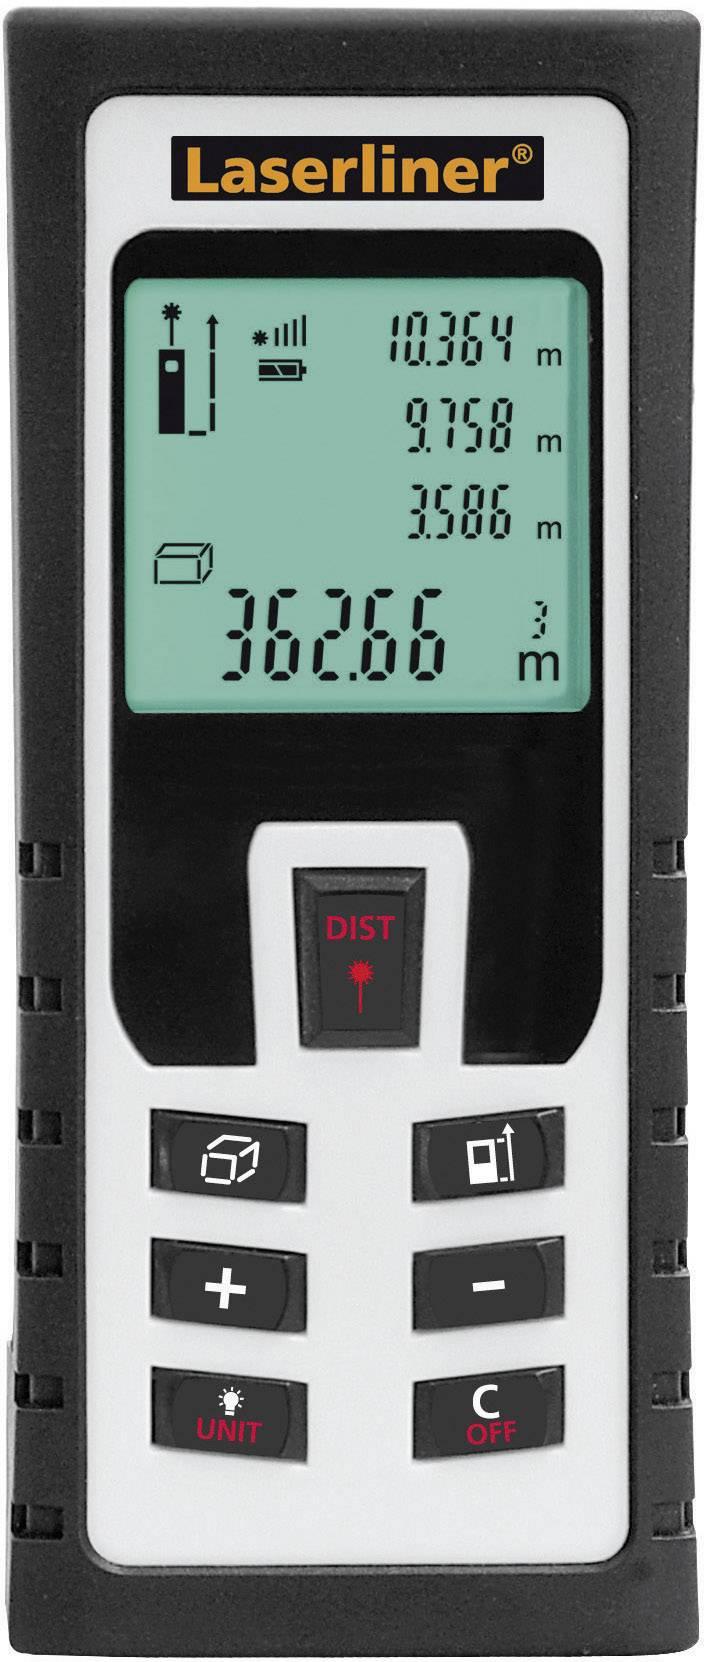 Laserový měřič vzdálenosti Laserliner DistanceMaster 60 080.946A, max. rozsah 60 m, kalibrace dle ISO